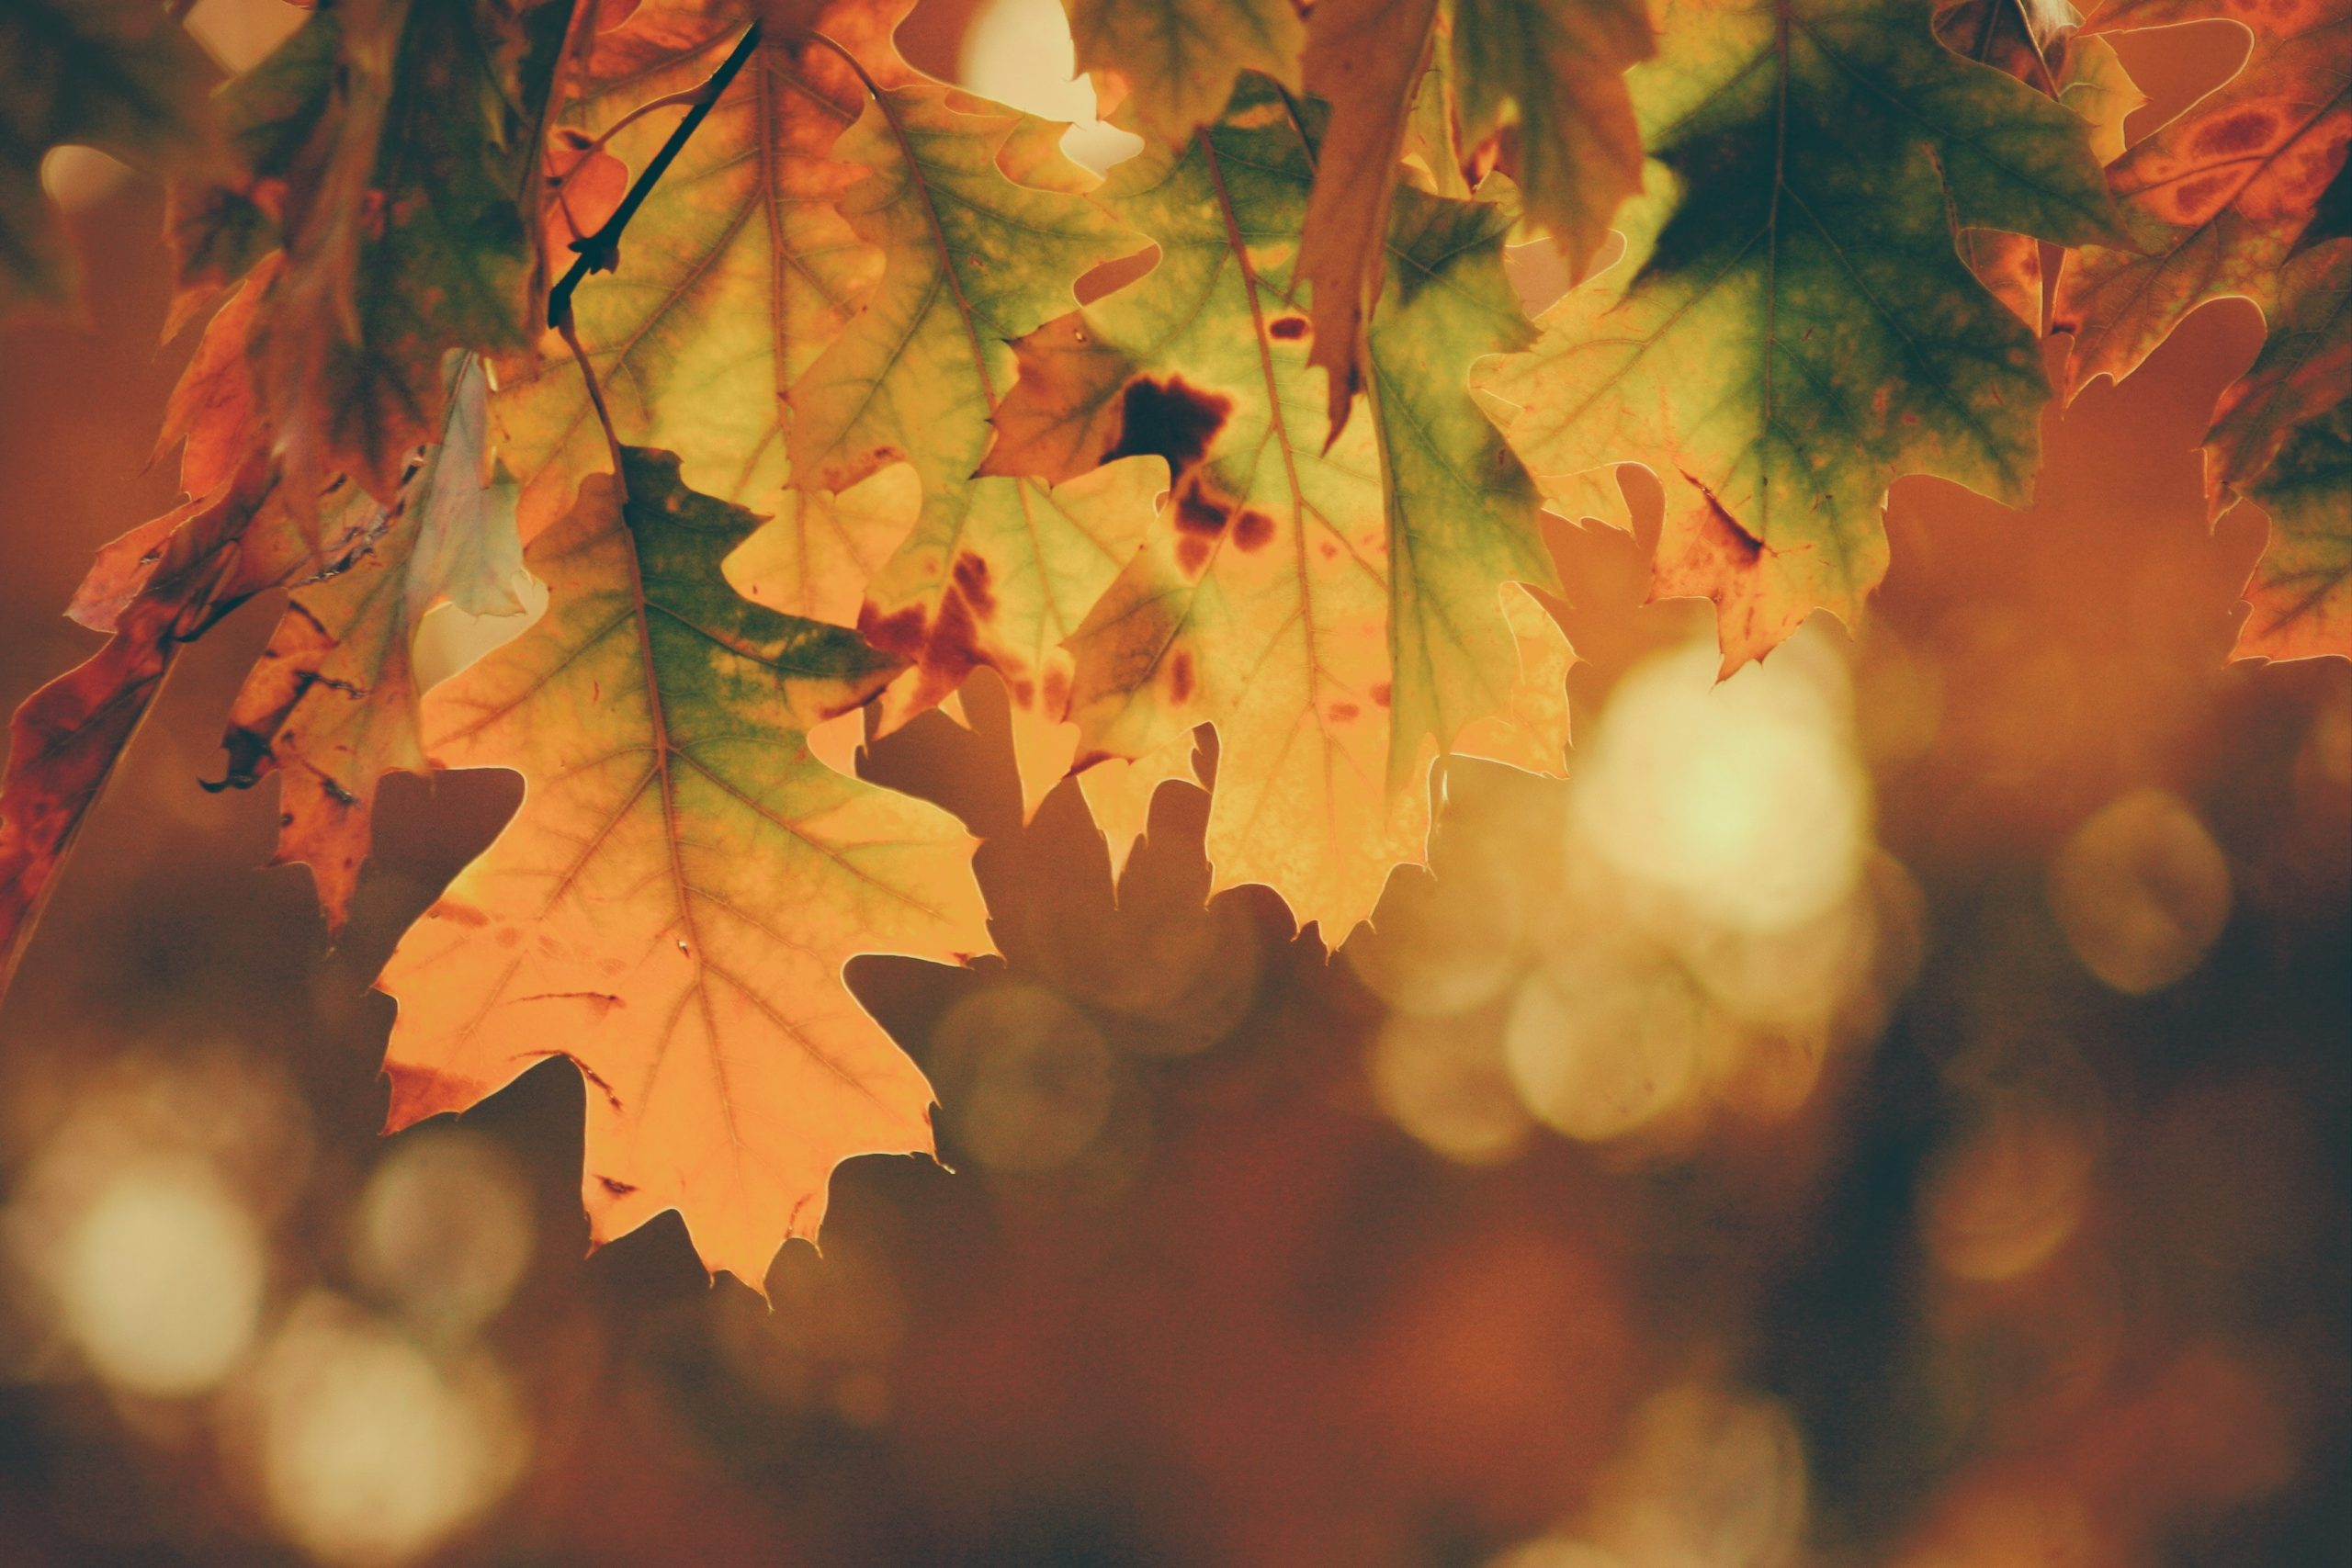 Sun Shines Through Autumn Leaves